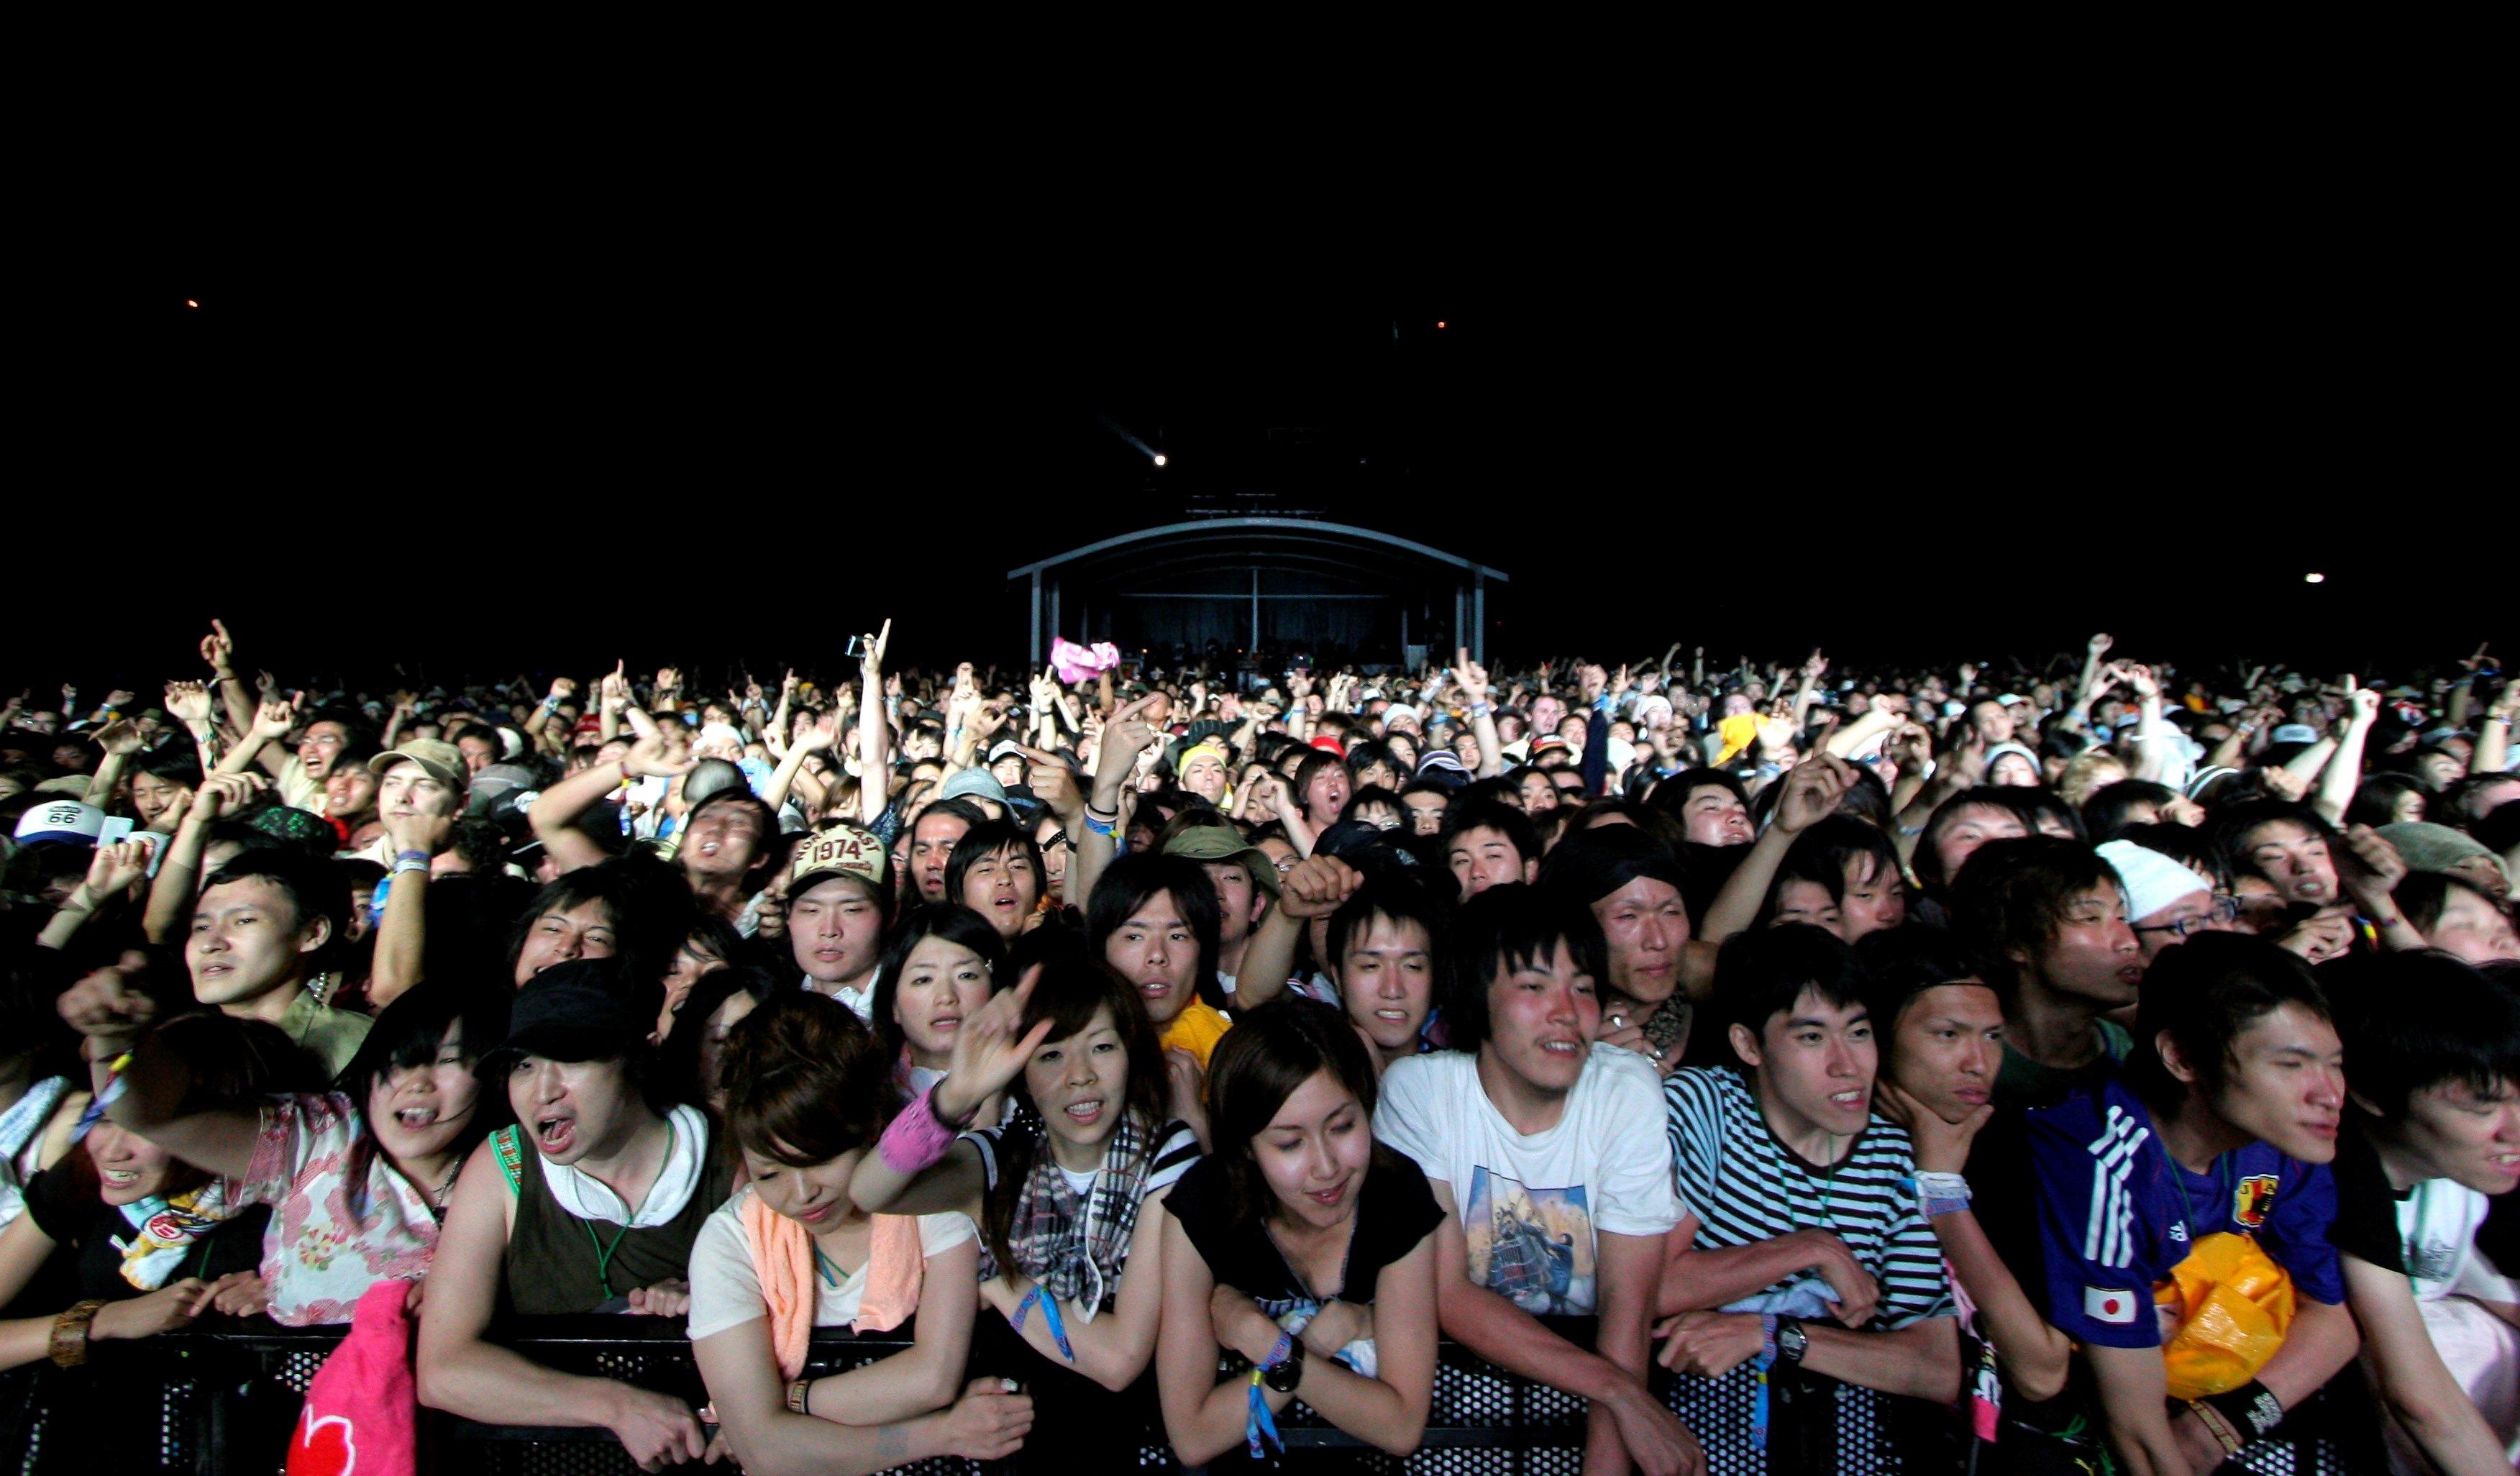 Una multitud de espectadores disfrutan de un concierto en el Fuji Rock Festival en Japón (EFE/Franck Robichon/Archivo)